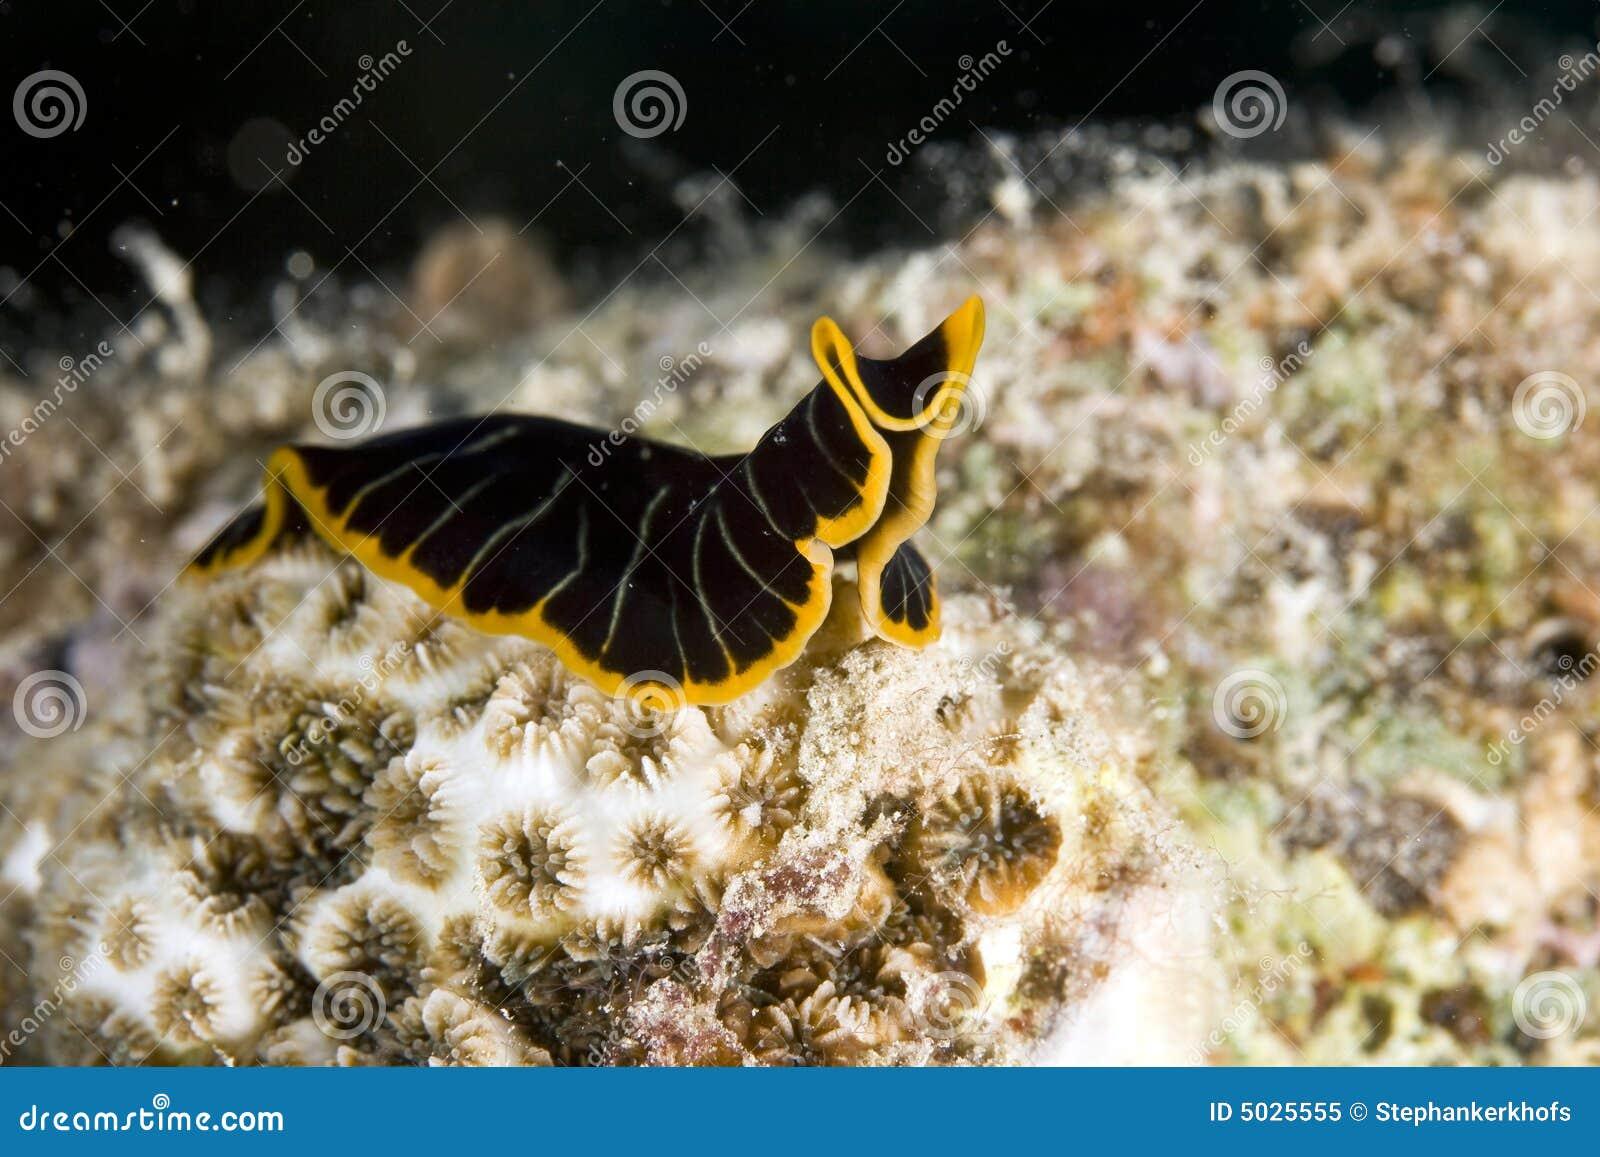 βλ. τίγρη pseudoceros dimidiatus flatworm